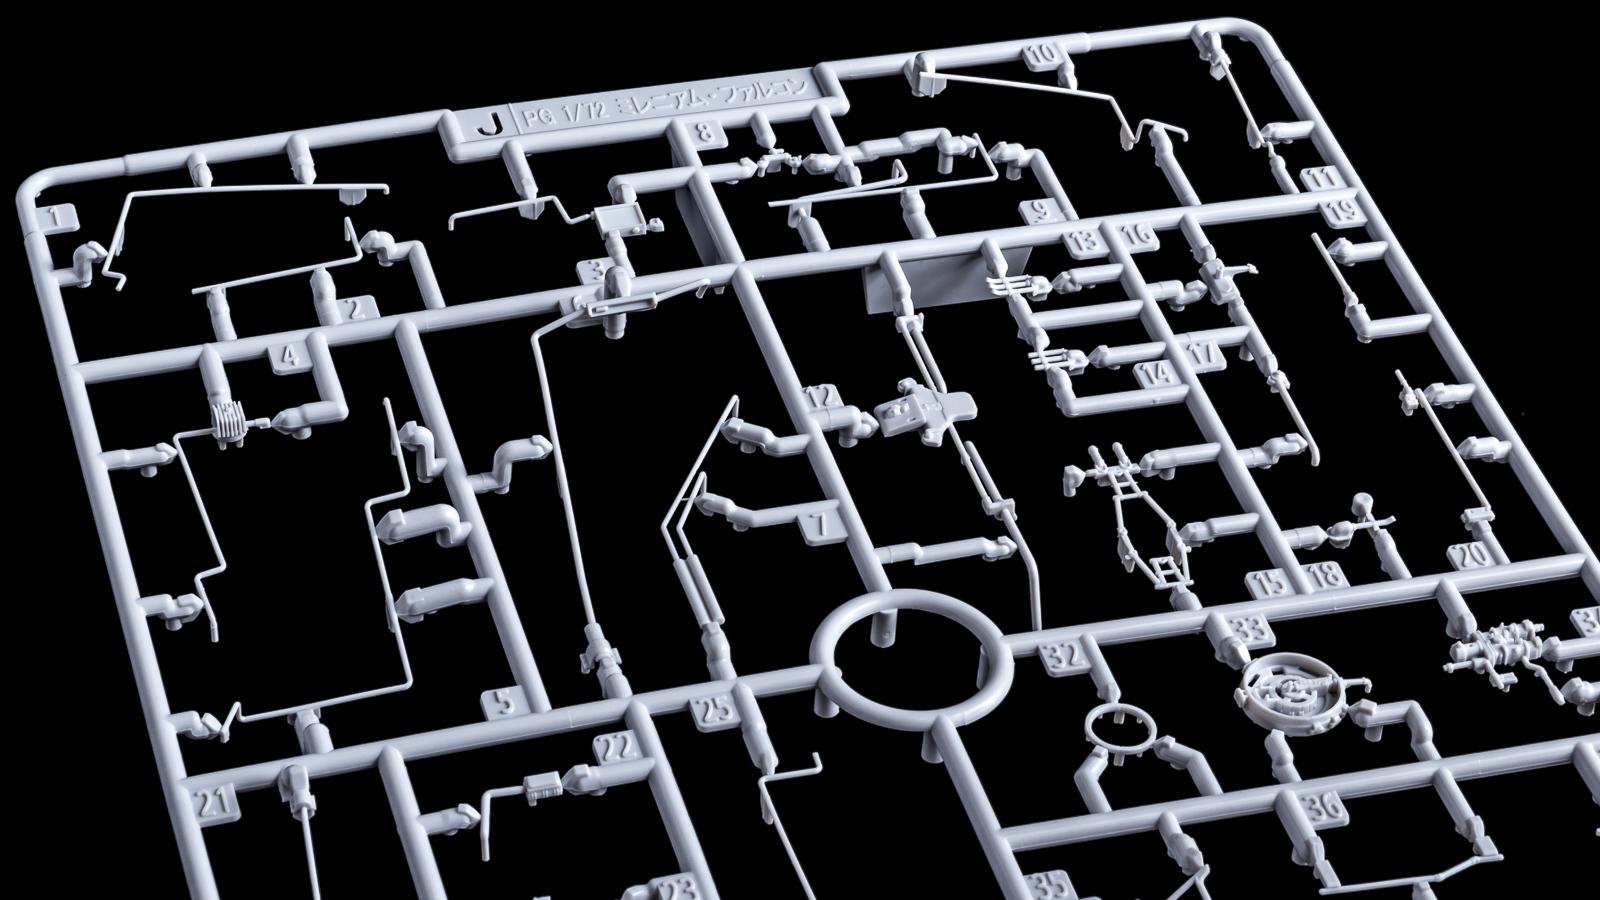 """「模型で作った模型の模型」、バンダイのミレニアムファルコンが持つ\""""パーフェクト\""""の意味【前編】_b0029315_00272403.jpg"""